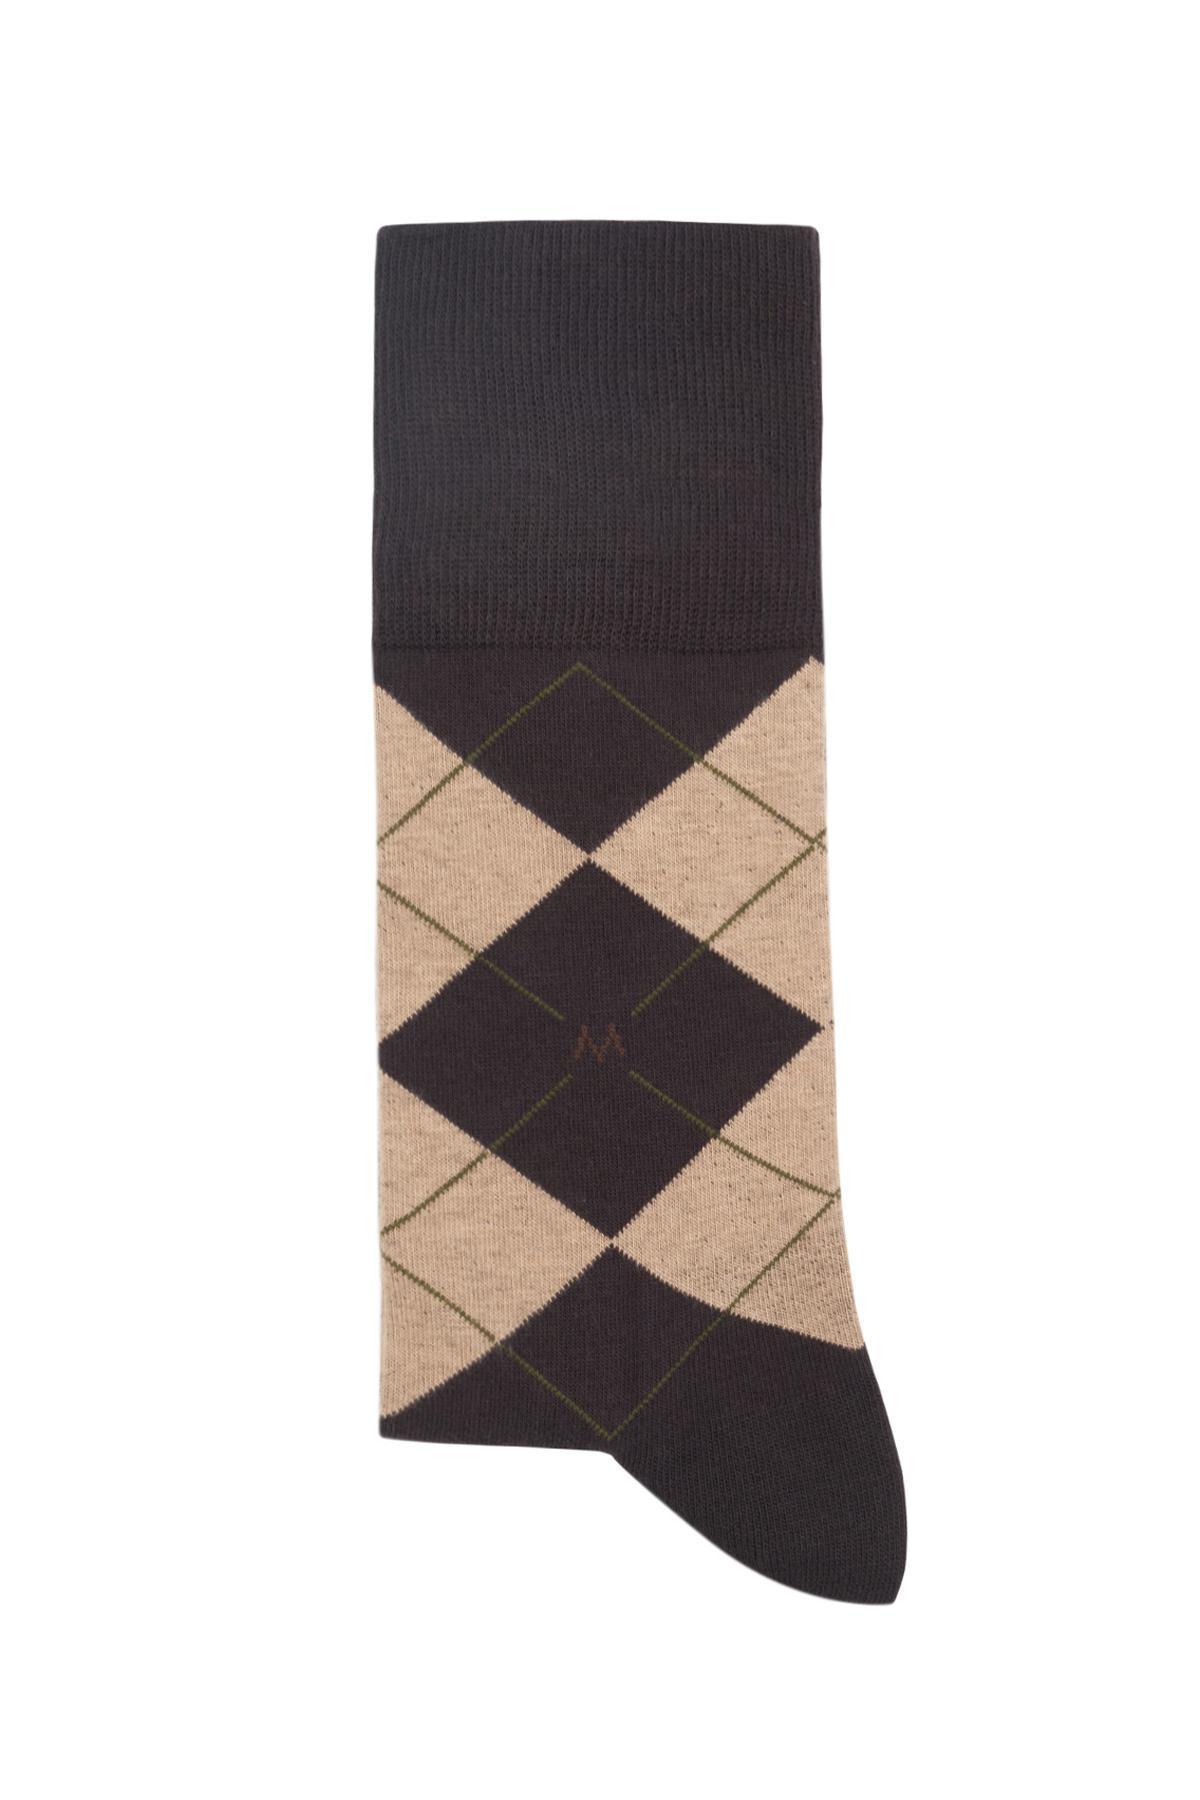 Baklava Desenli Koyu Kahverengi Pamuk Çorap